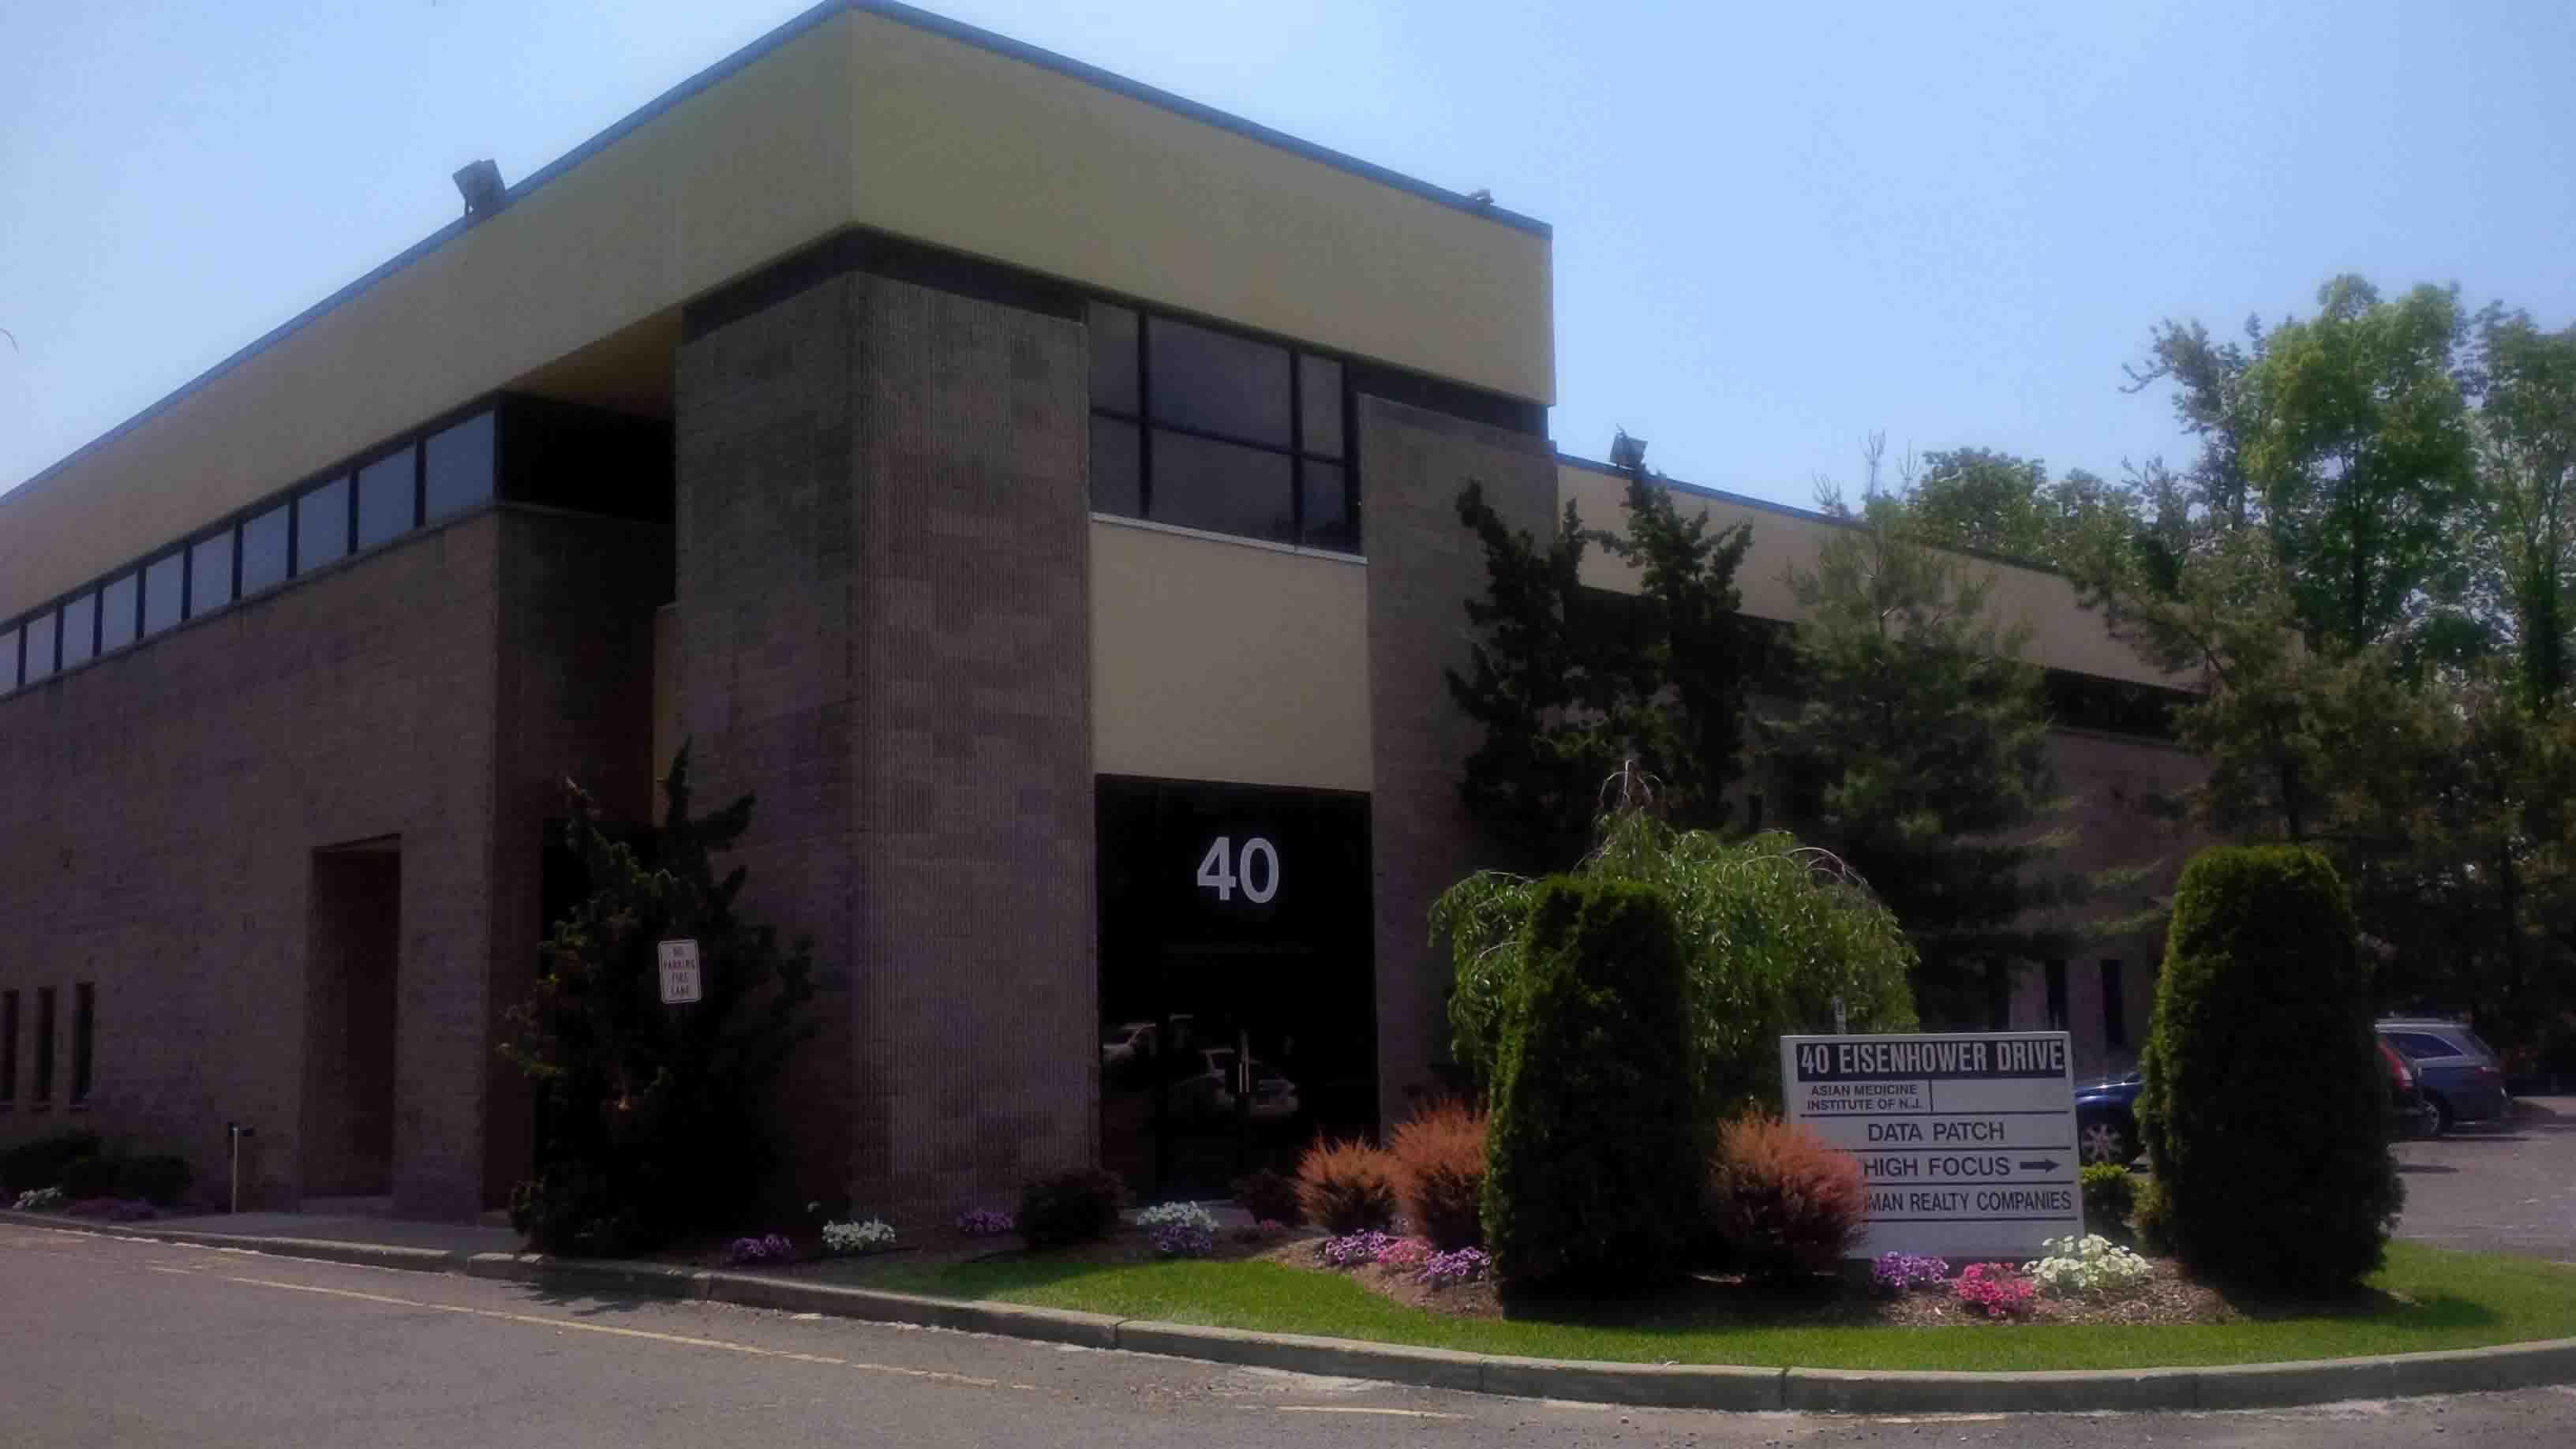 40 Eisenhower Drive, Paramus